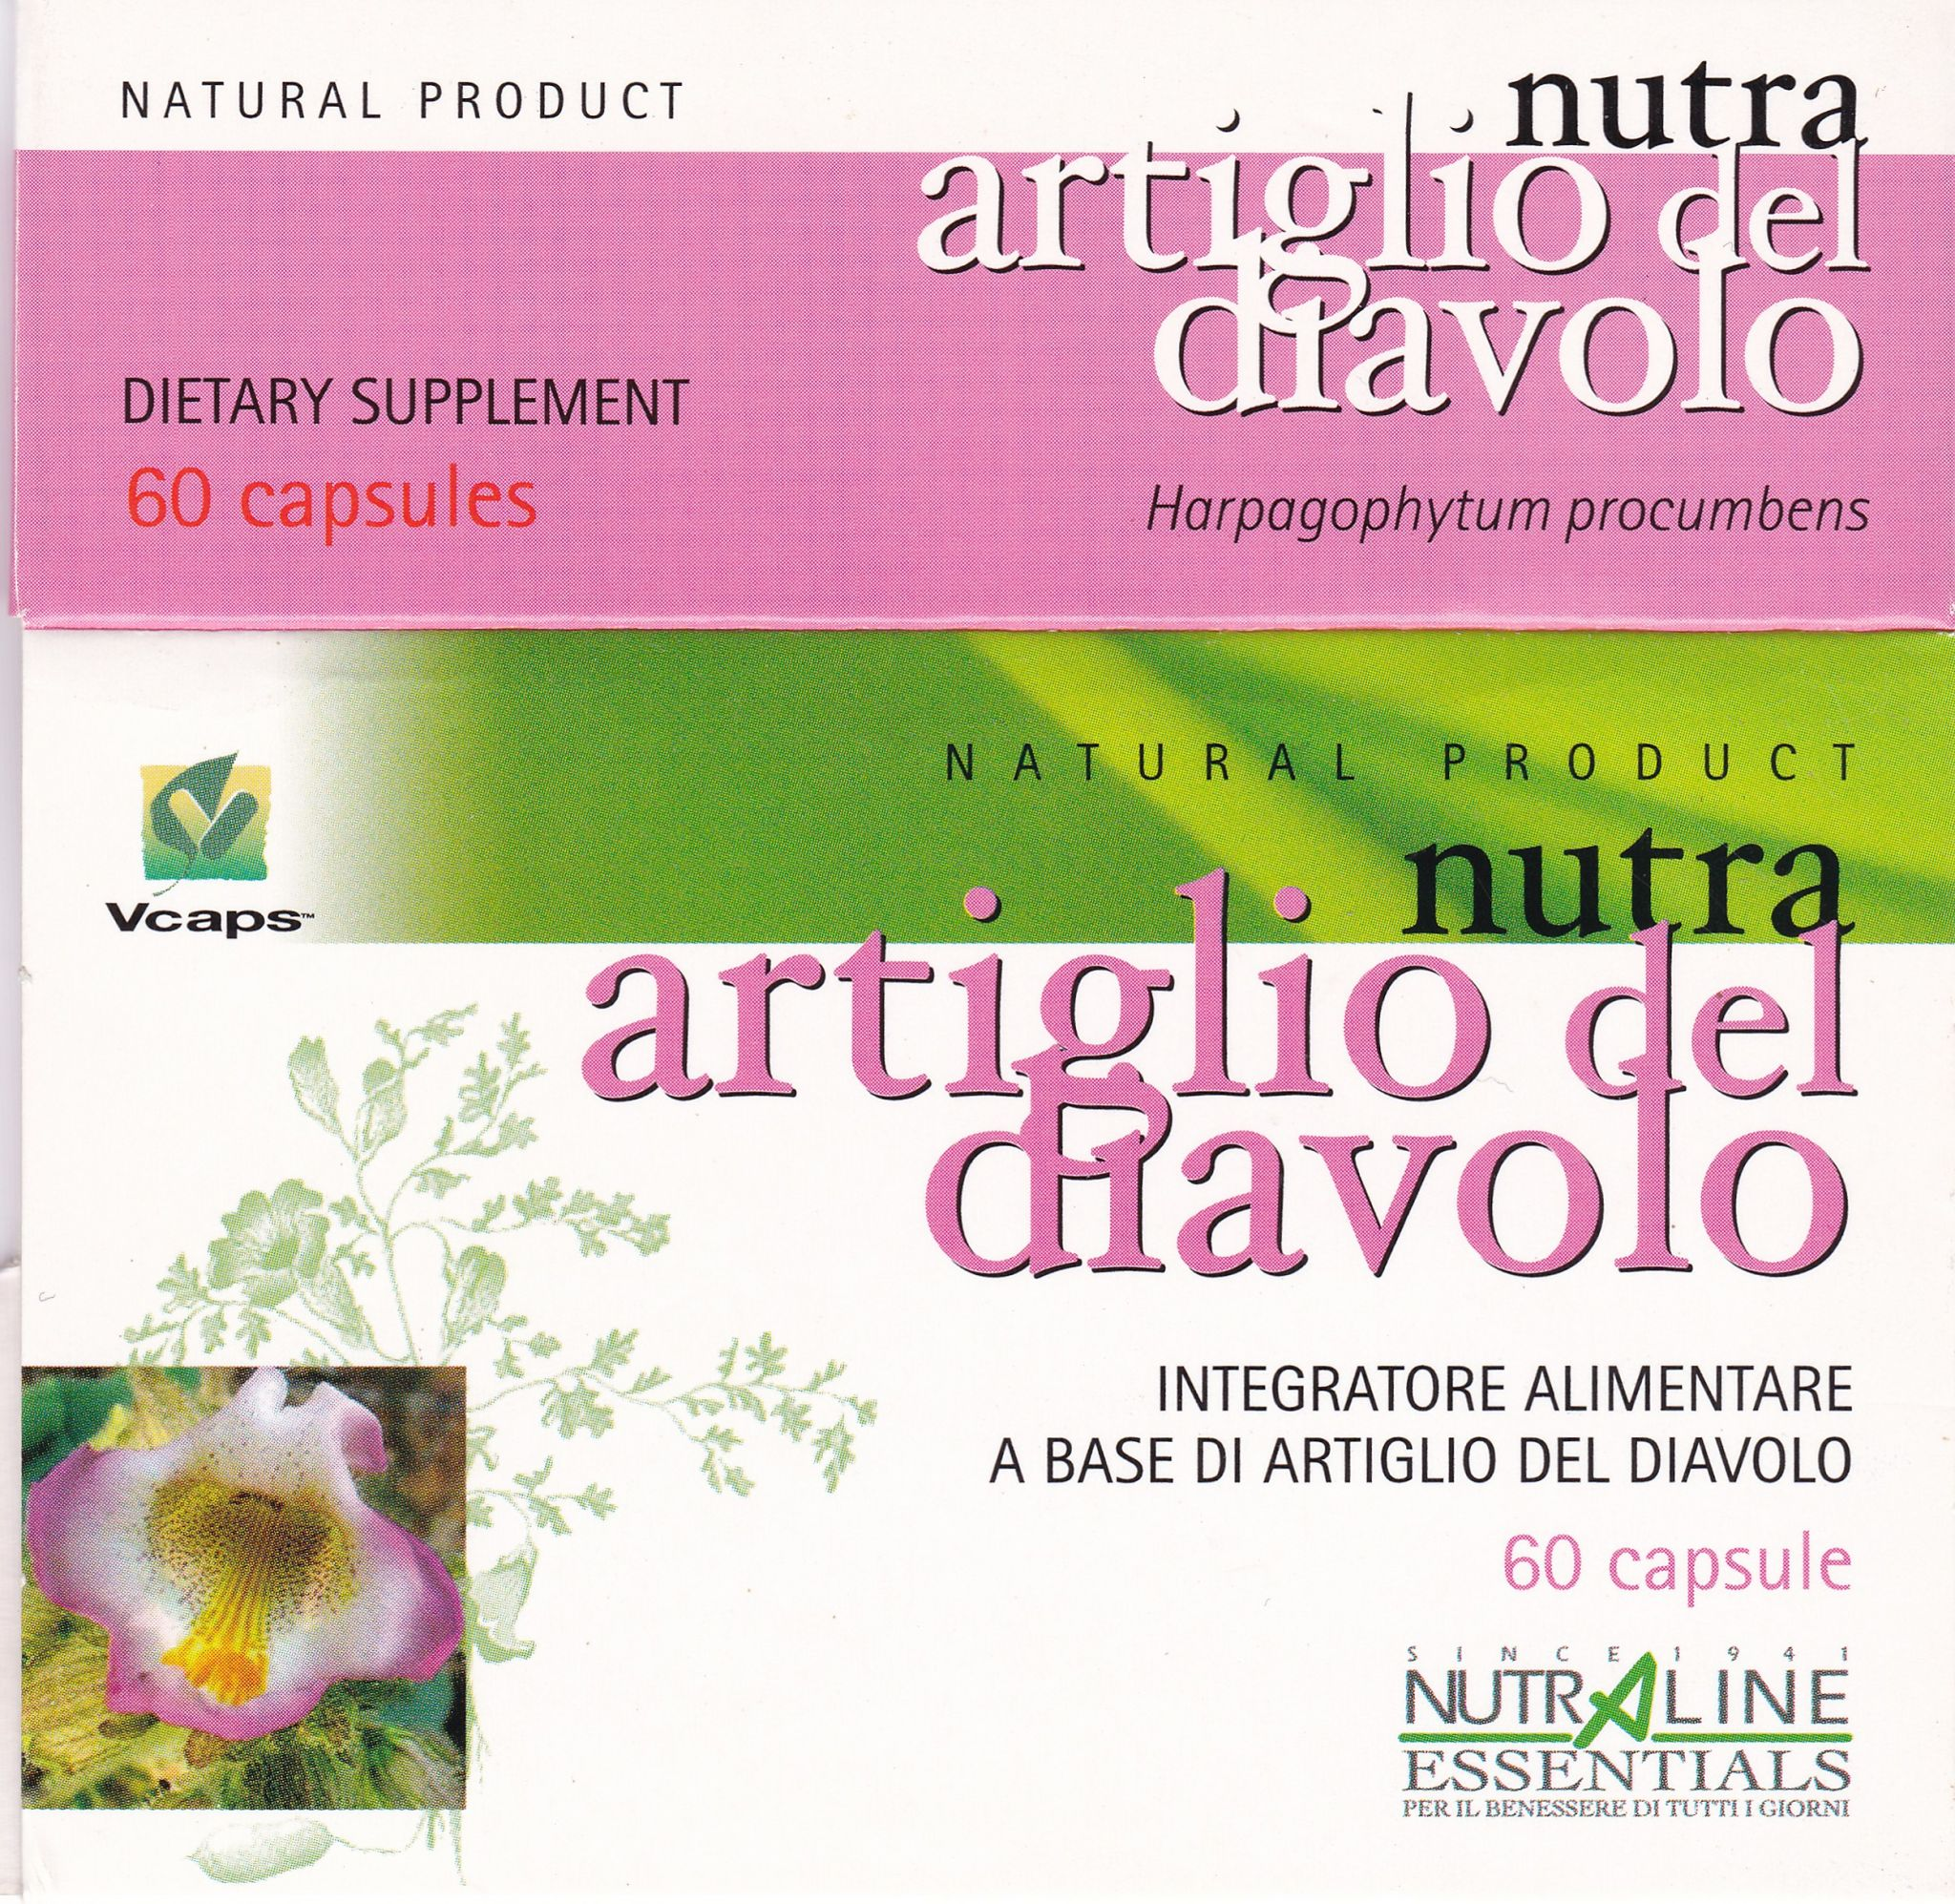 ARTIGLIO del DIAVOLO- 60 cps - NUTRA LINE ESSENTIALS